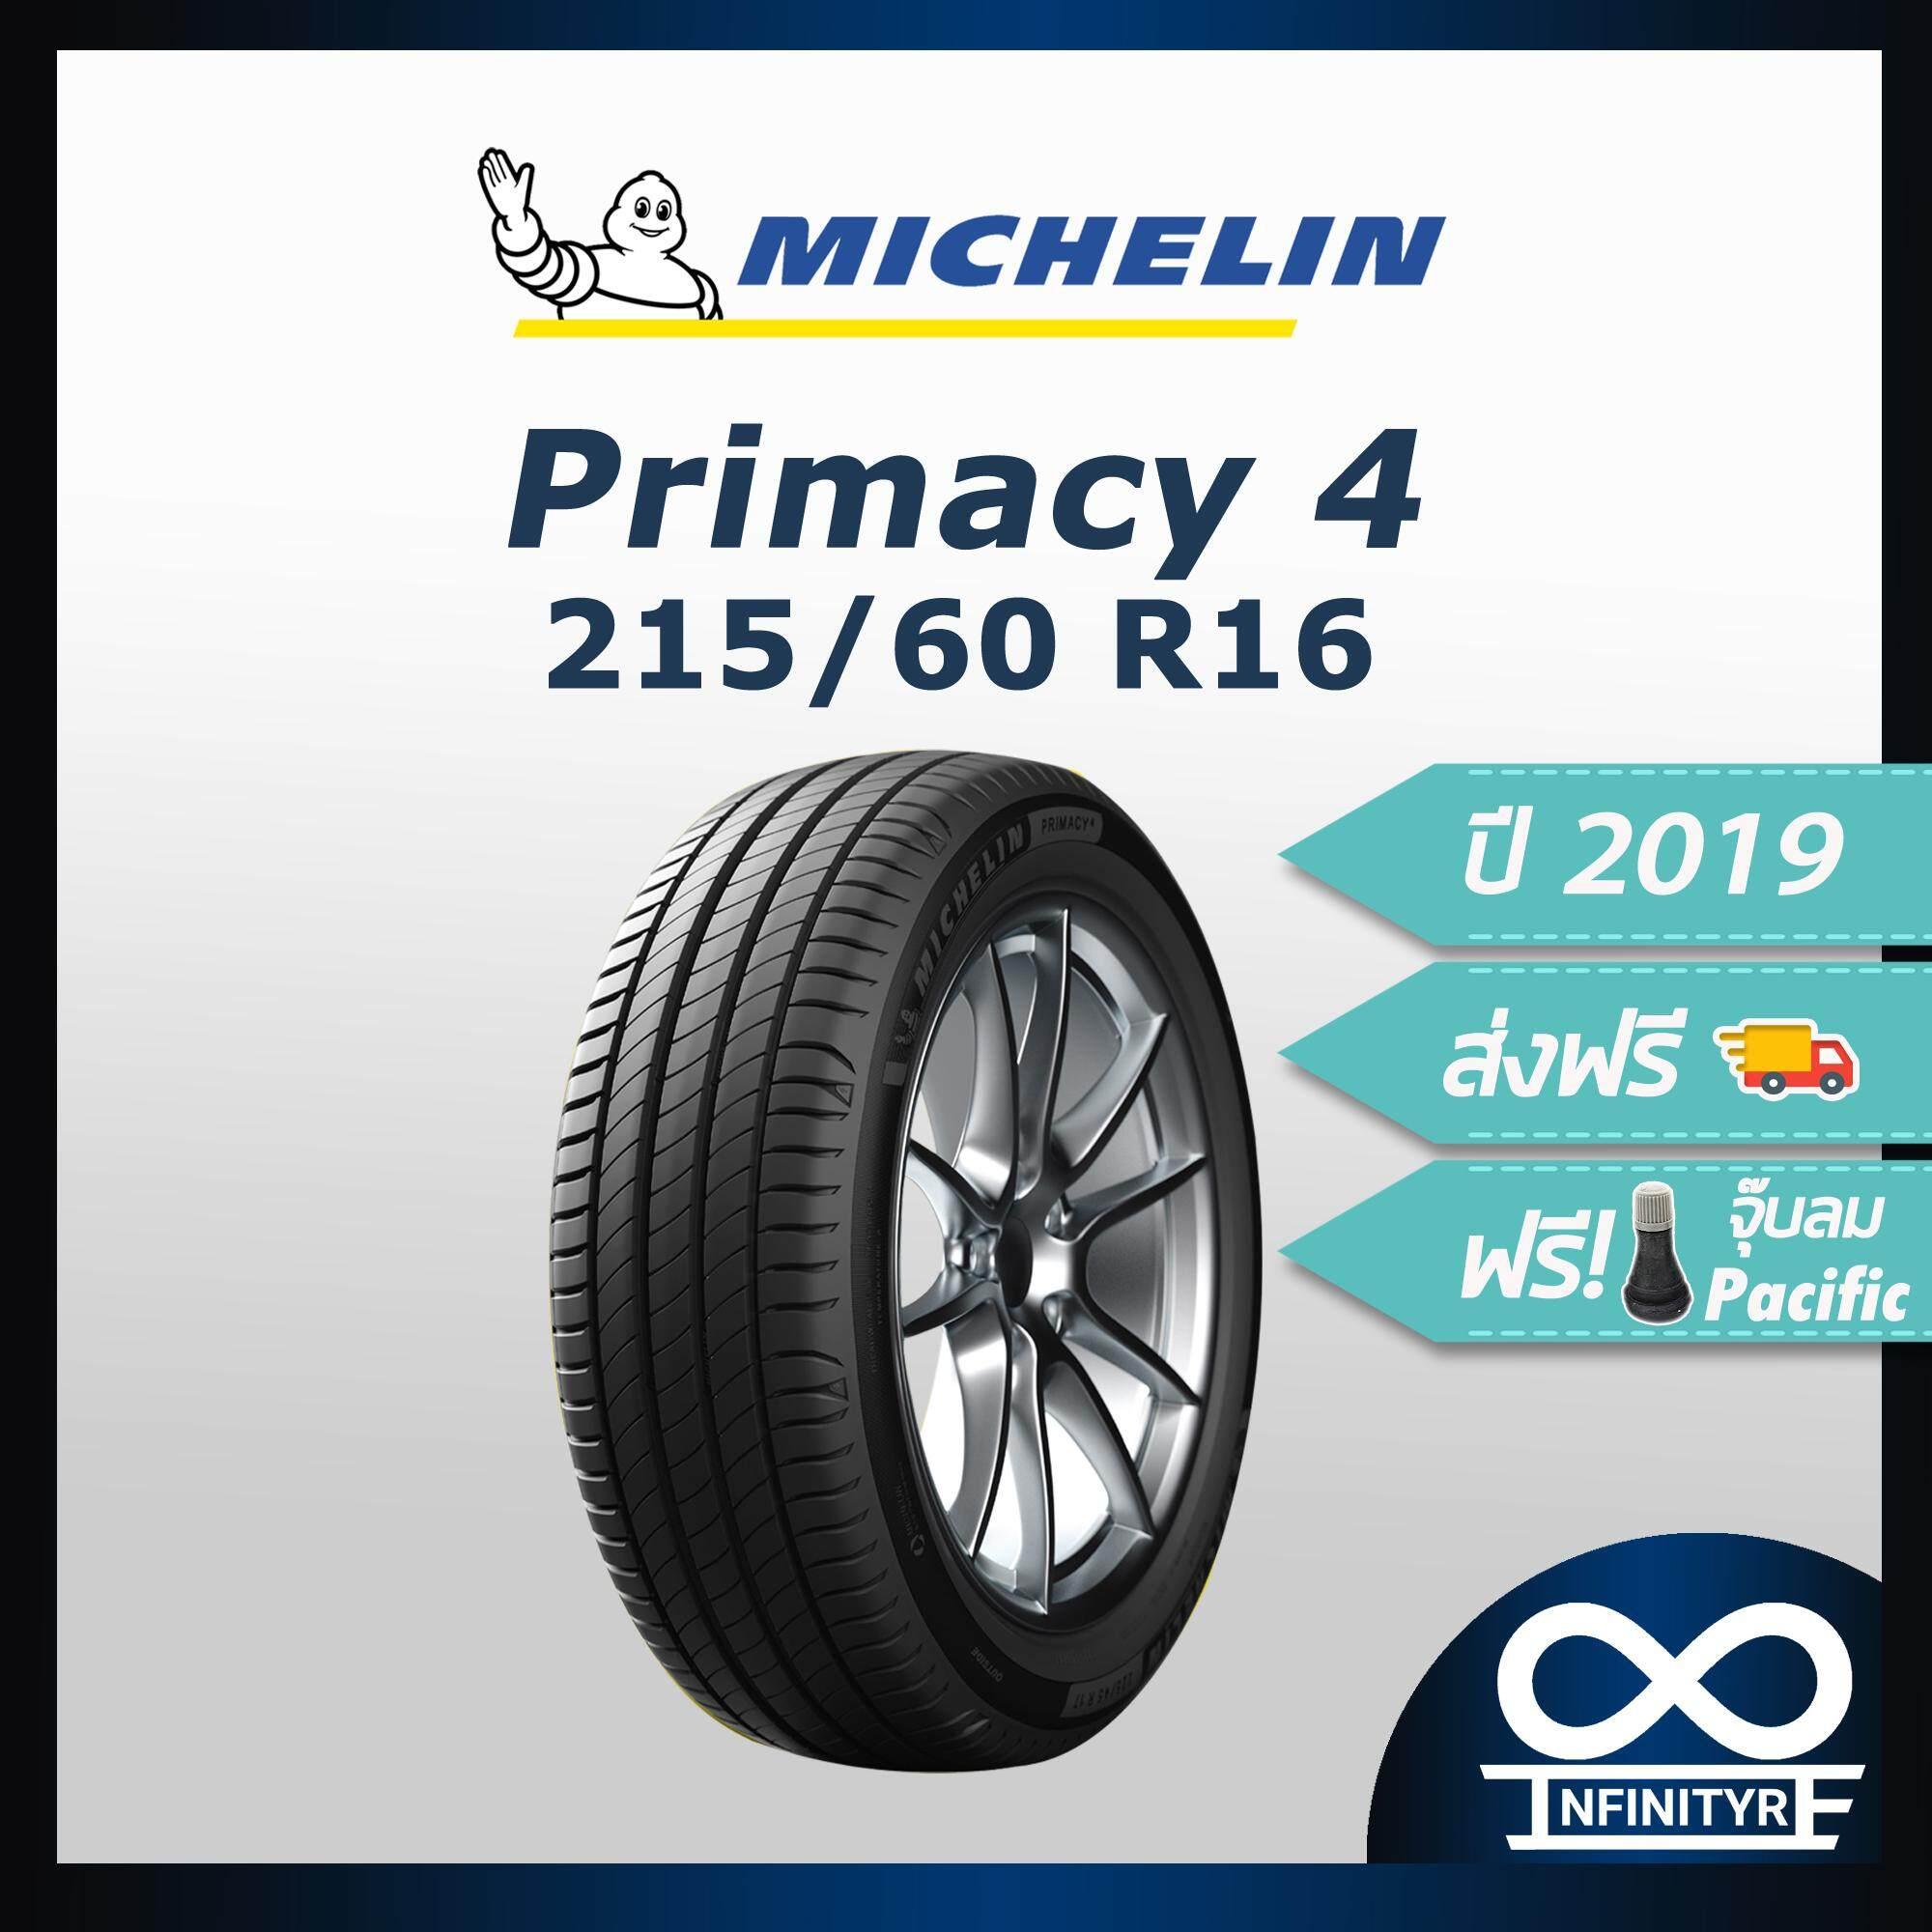 ประกันภัย รถยนต์ 3 พลัส ราคา ถูก ชลบุรี 215/60R16 Michelin มิชลิน รุ่น Primacy 4 (ปี2019) ฟรี! จุ๊บลมPacific เกรดพรีเมี่ยม